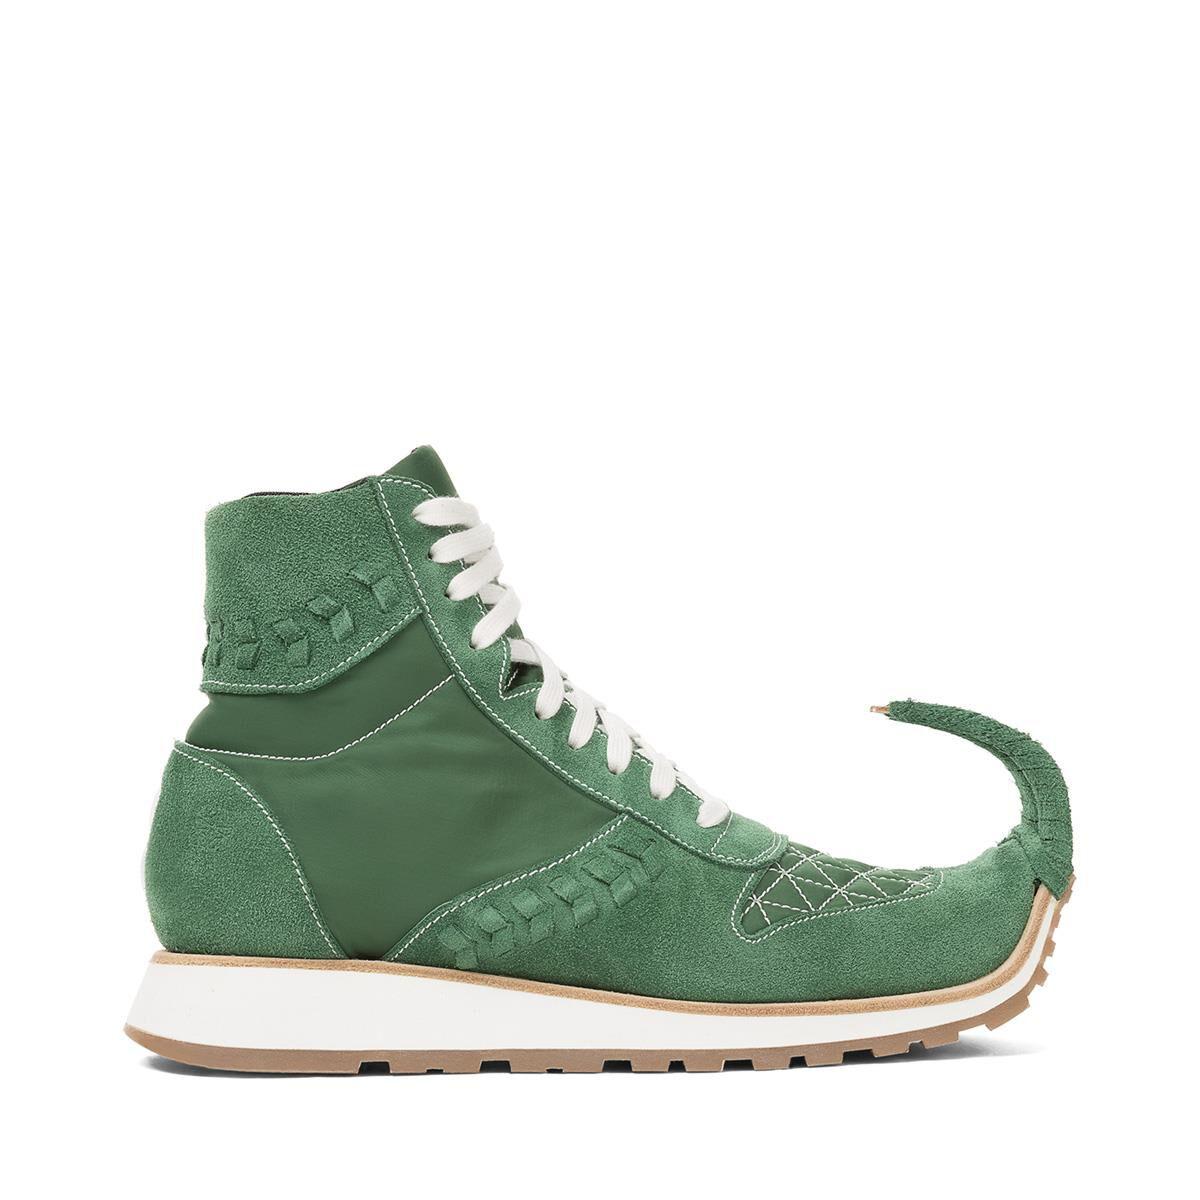 Dinosaur sneakers Loewe kXdPRPHm